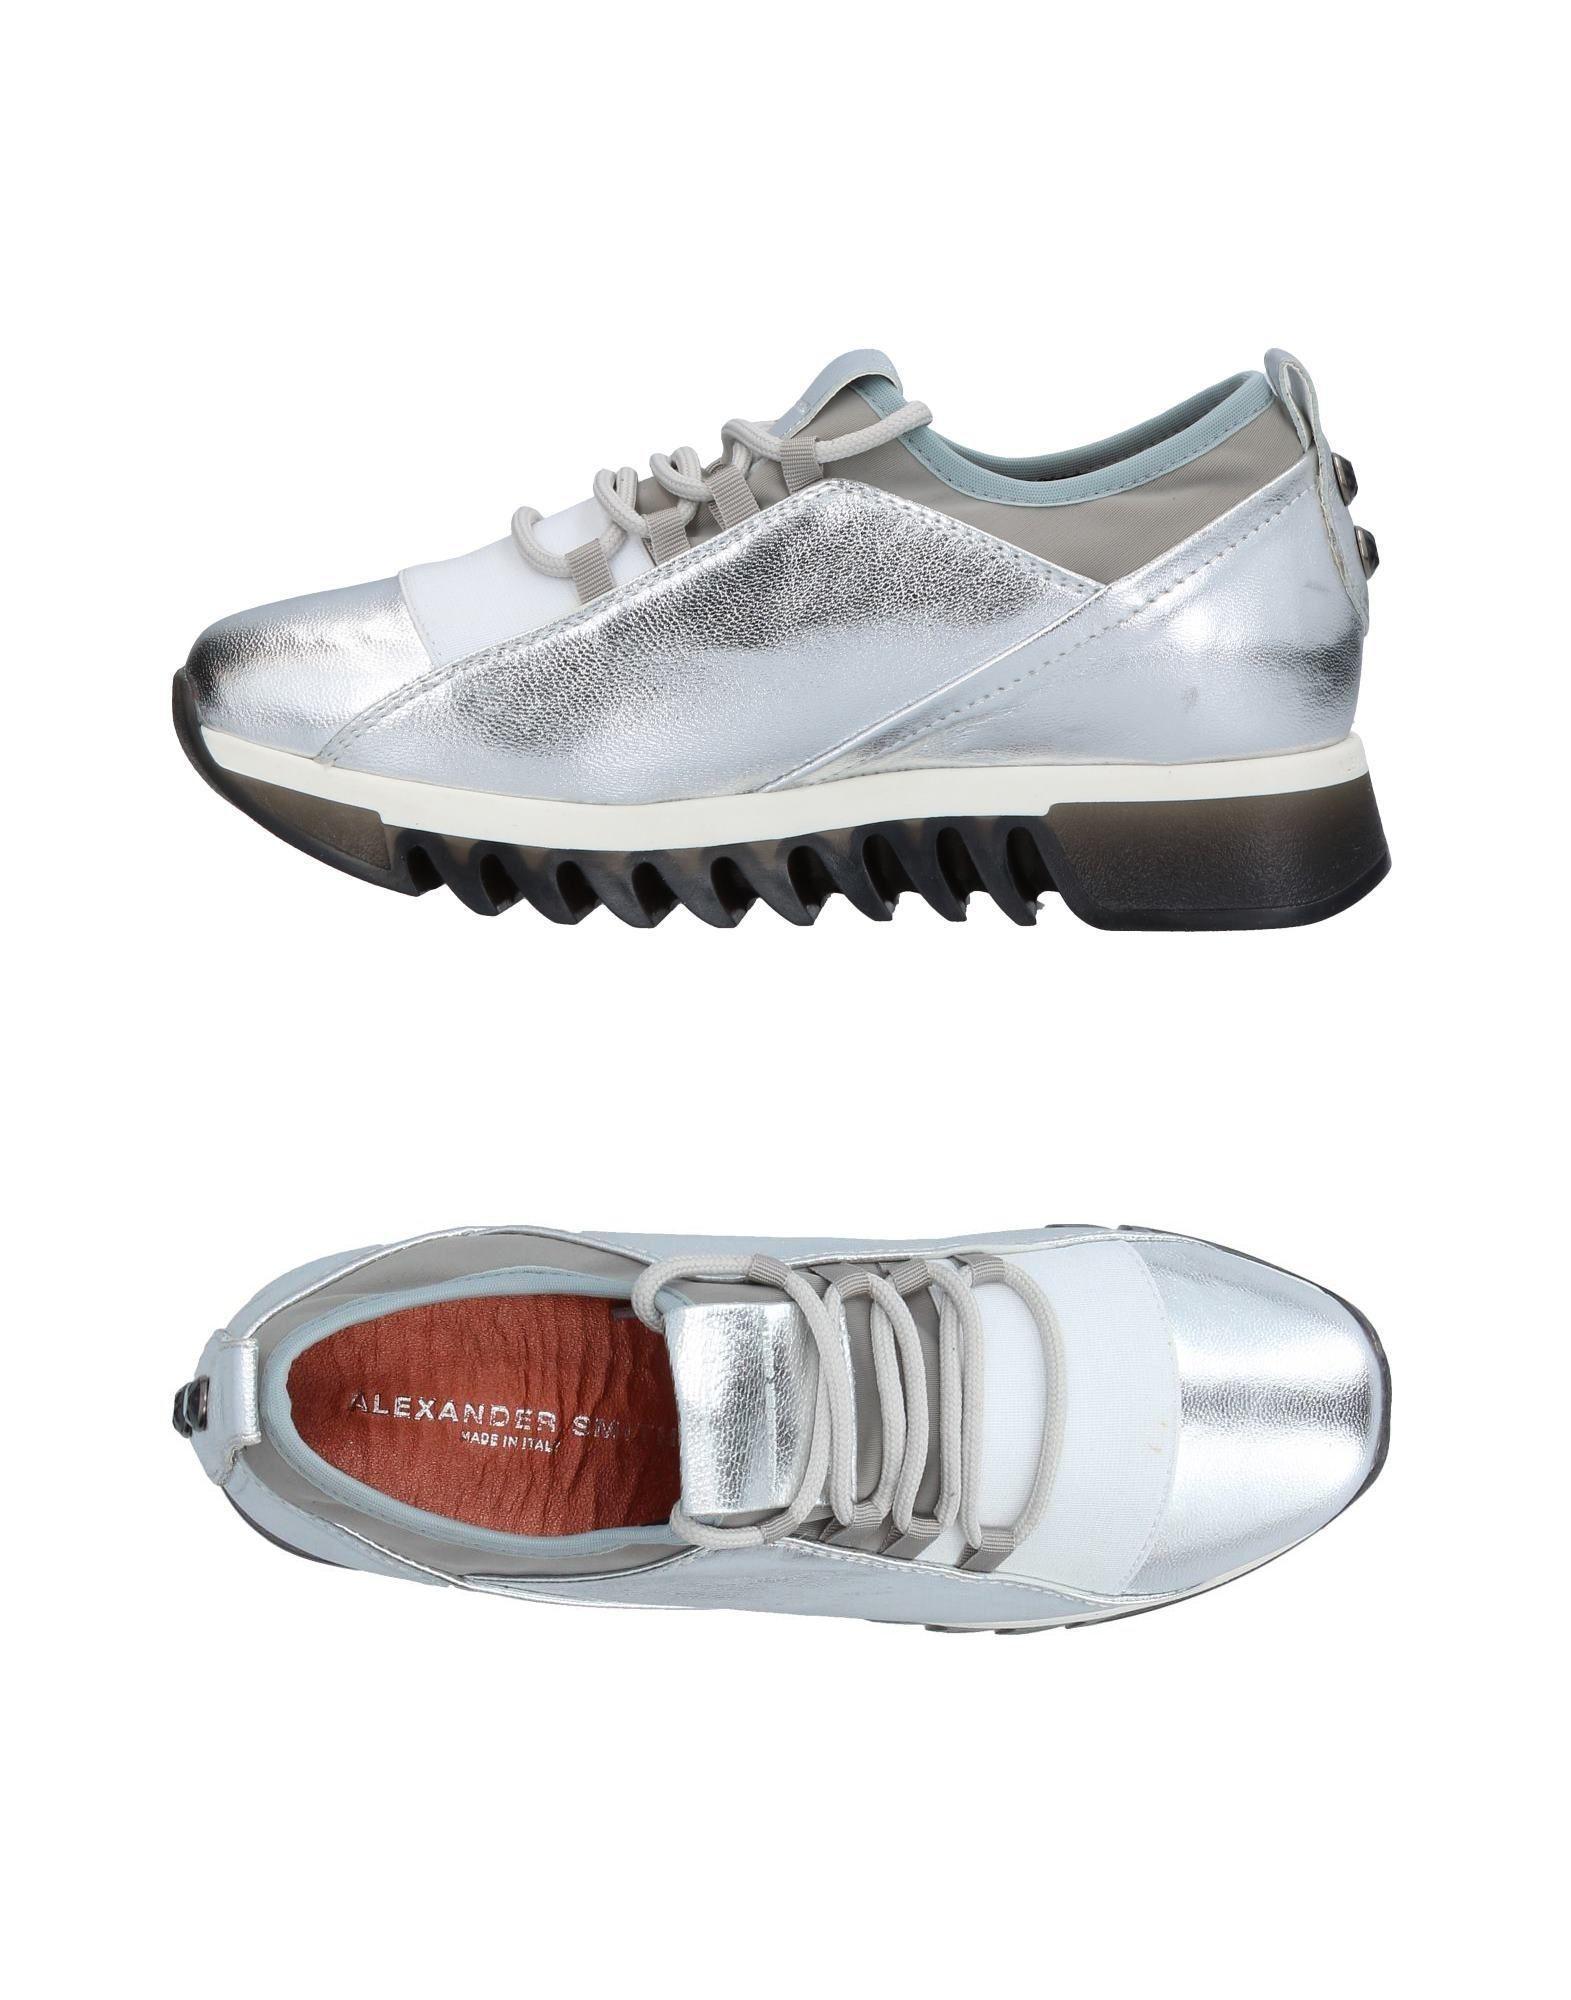 Chaussures - Bas-tops Et Baskets Quis Quis wmU3L